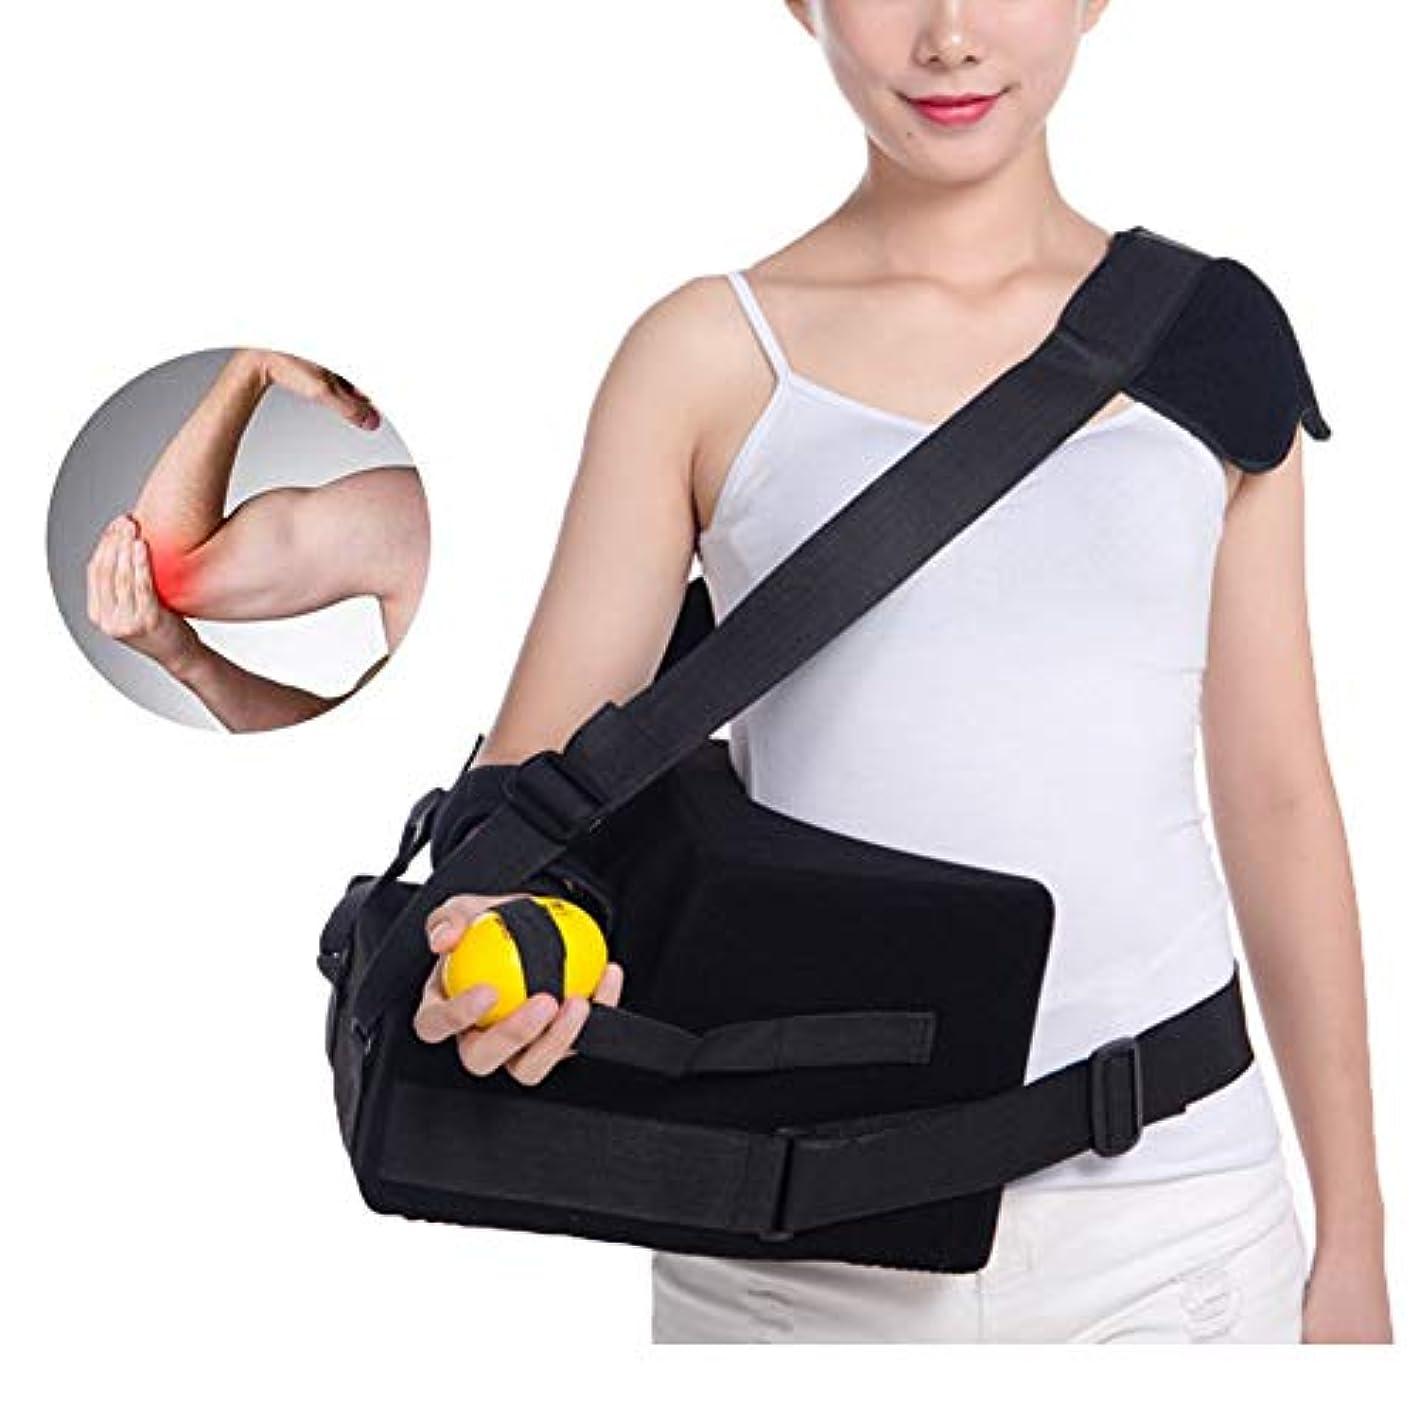 人差し指振動させるヘア腕のスリングの肘サポートブレース肩外転ベルト骨折、腕の骨折、手首、肘、肩のけがの軽減とサポート、ワンサイズ - ユニセックス